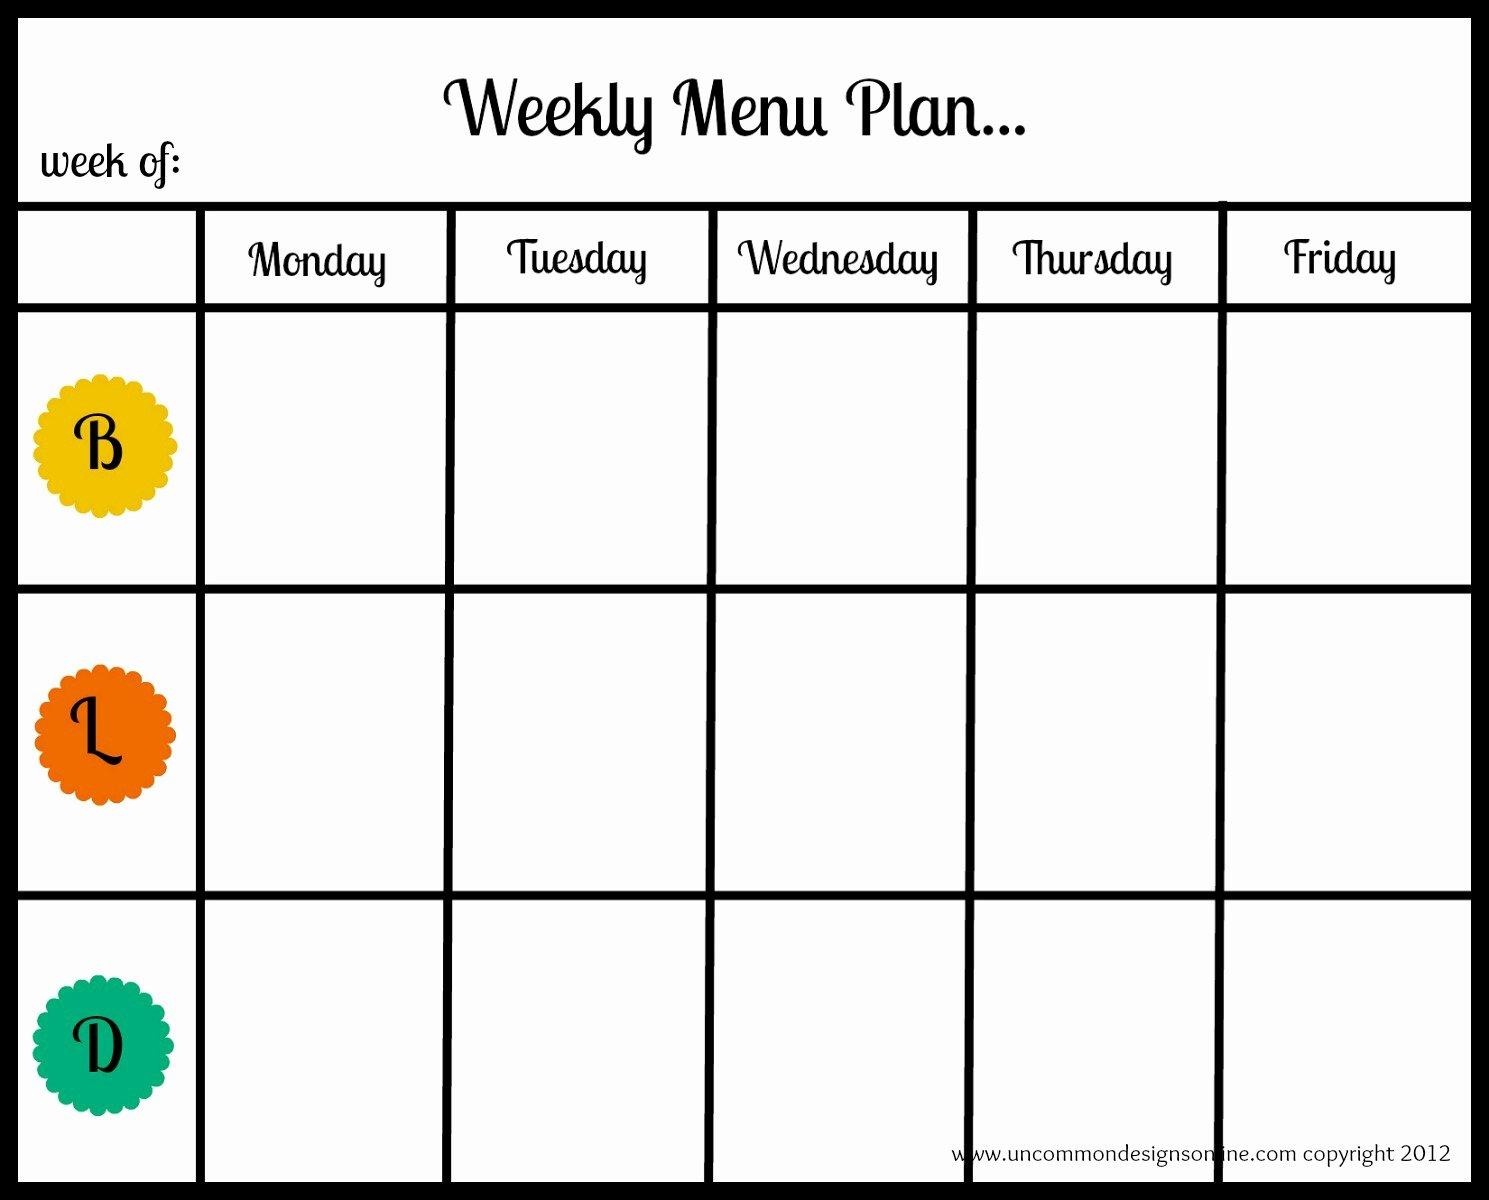 Blank Weekly Menu Lovely Blank Menu Planner Cake Ideas and Designs